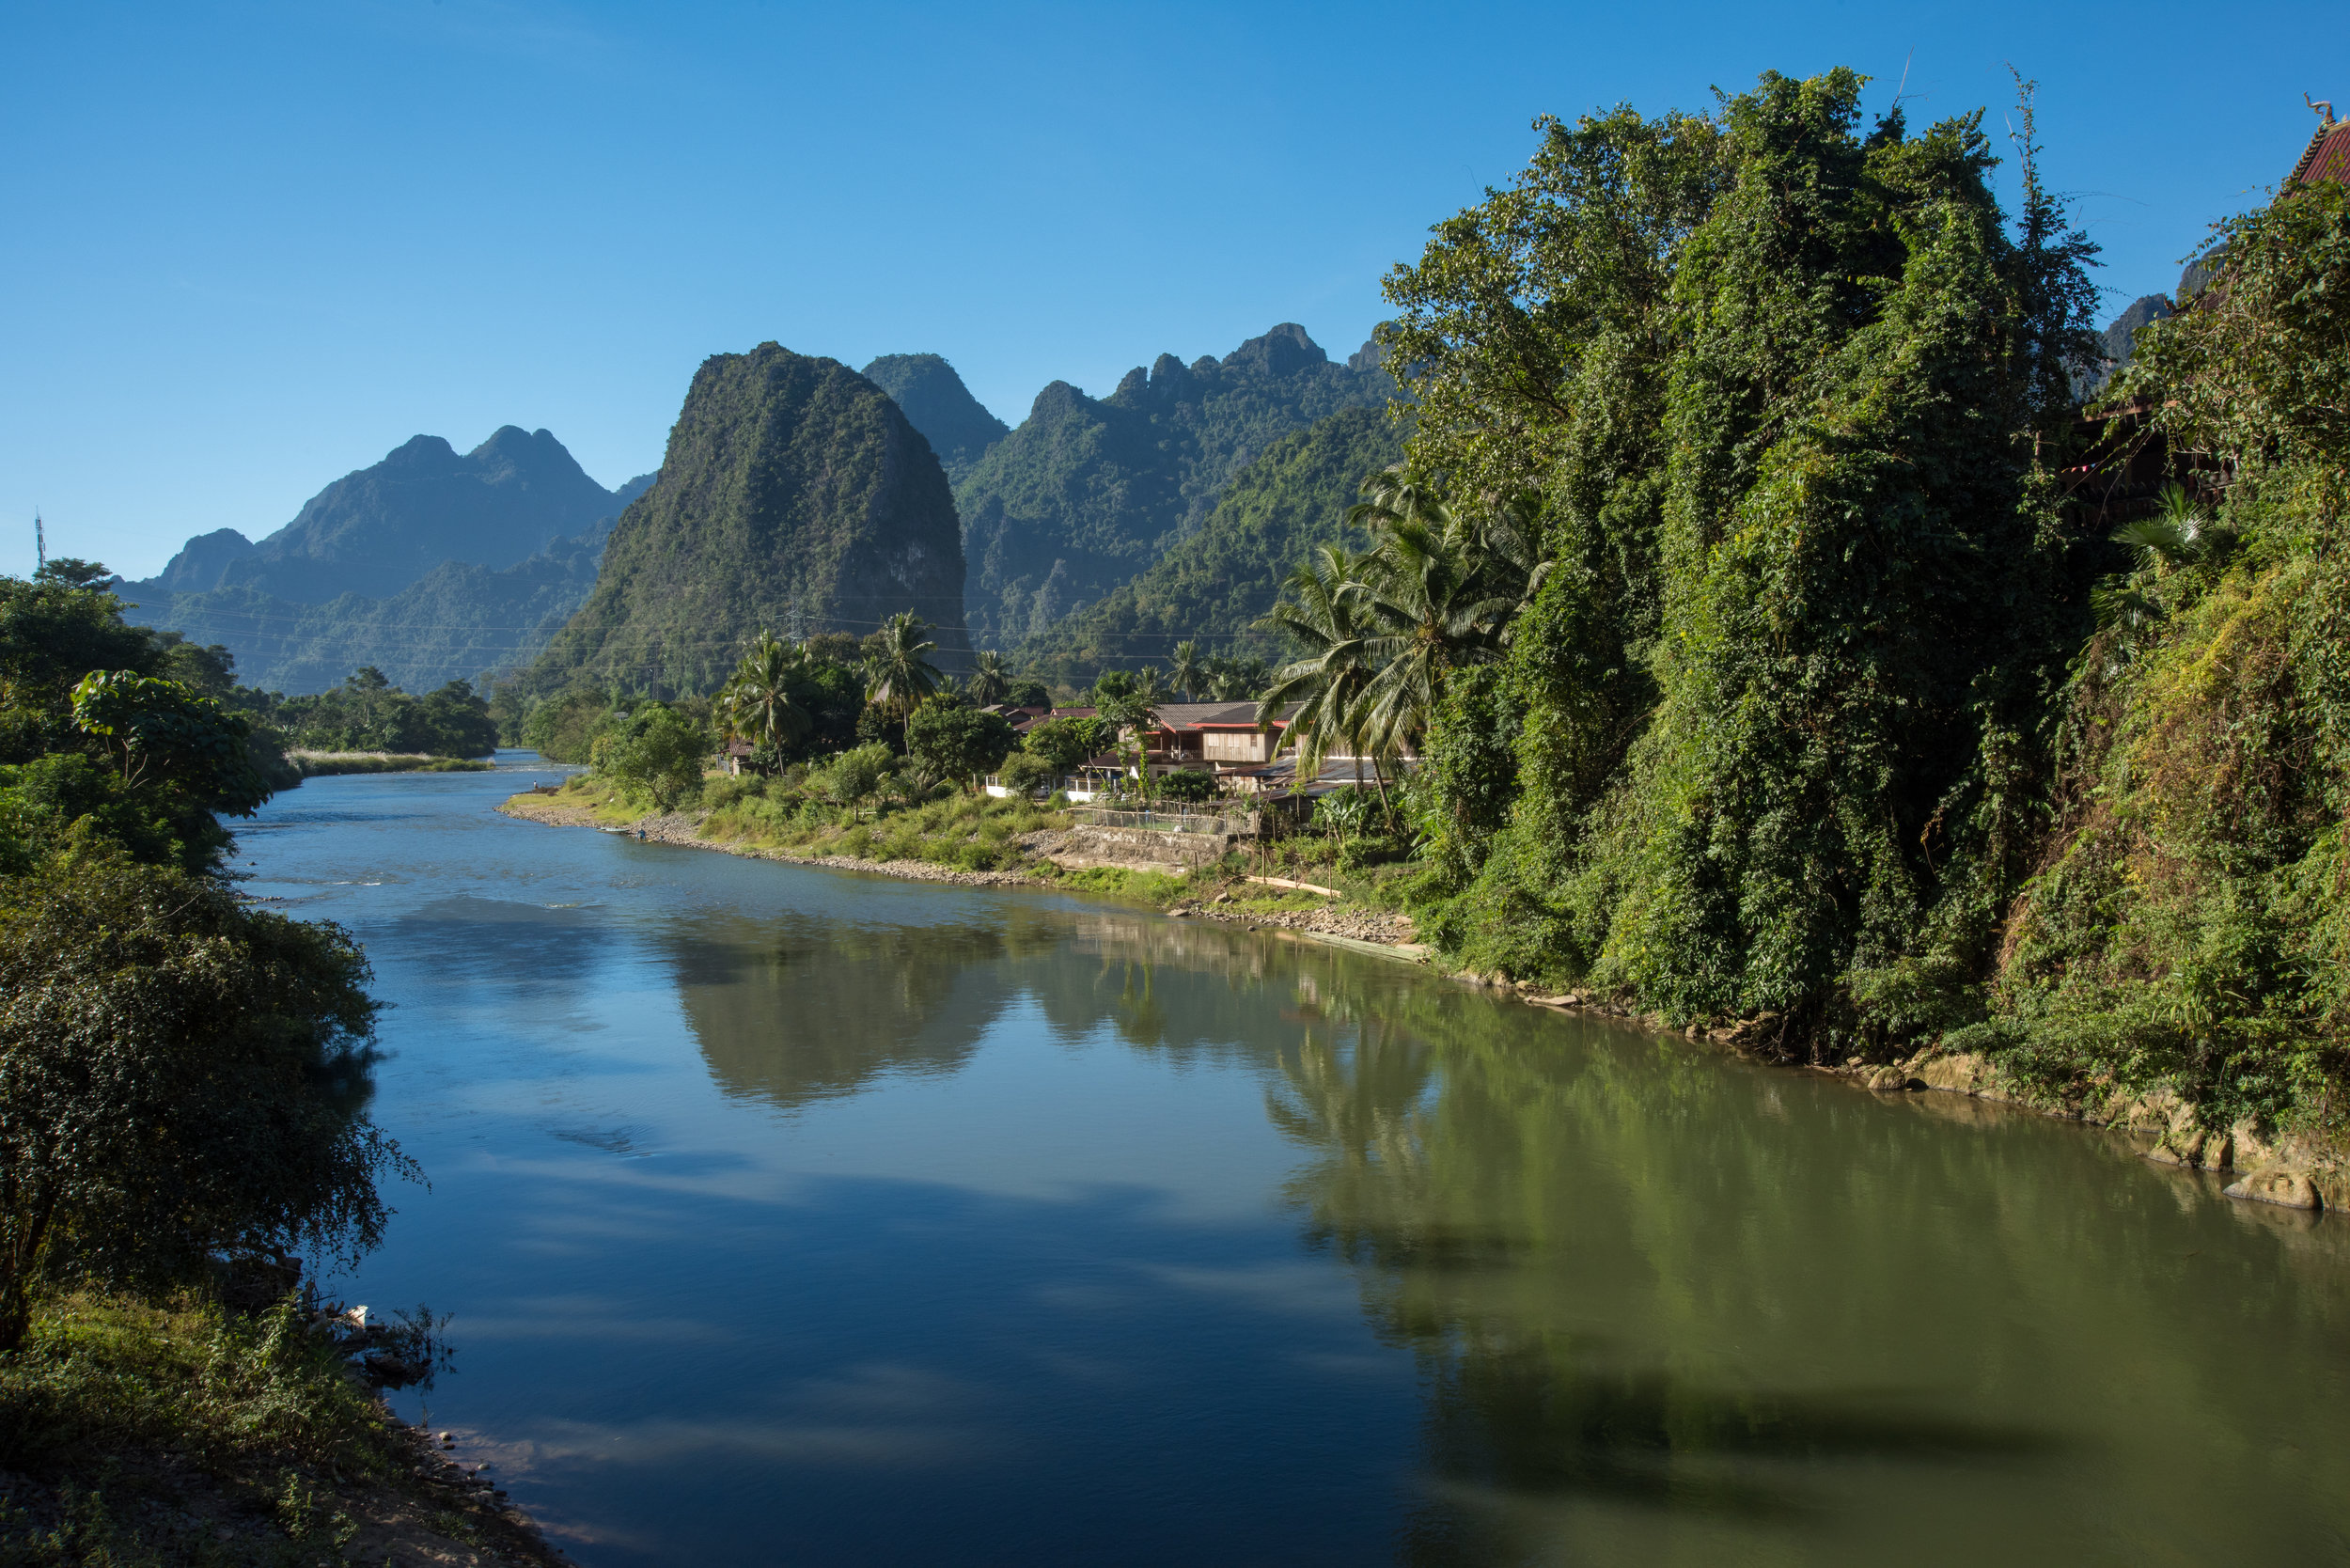 River, Nam Song, Laos